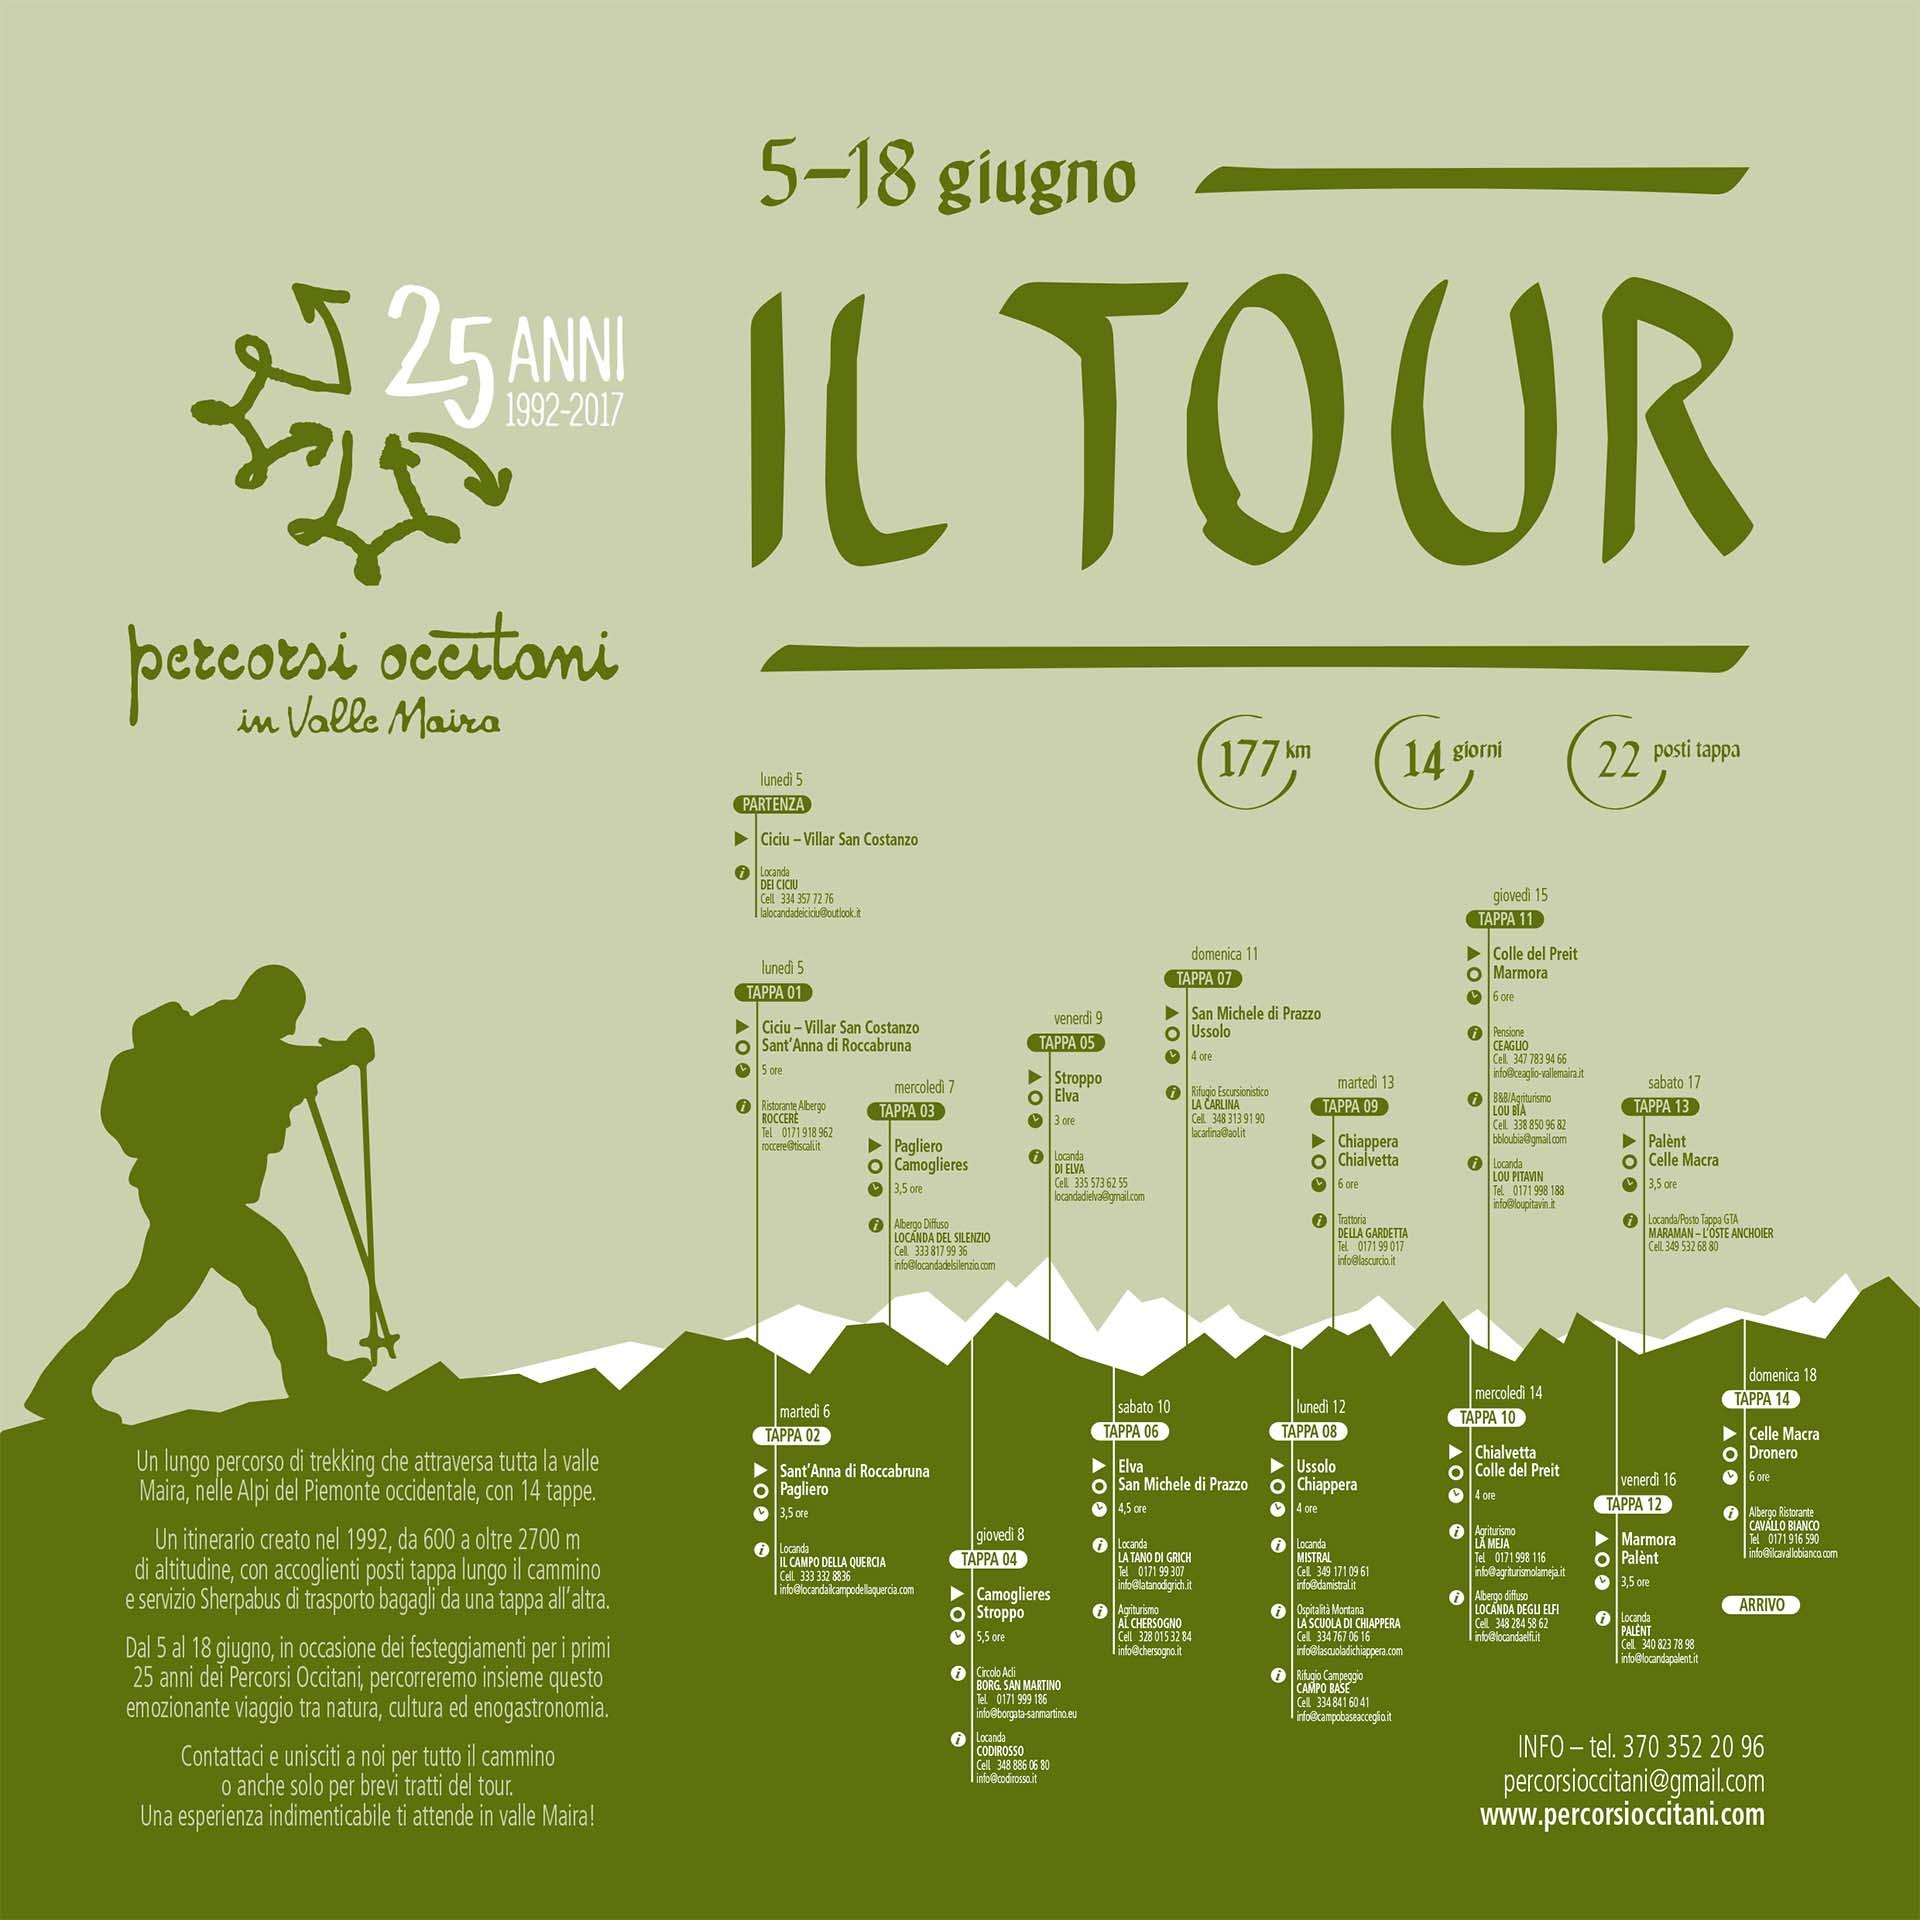 5 - 18 giugno Percorsi Occitani, il Tour